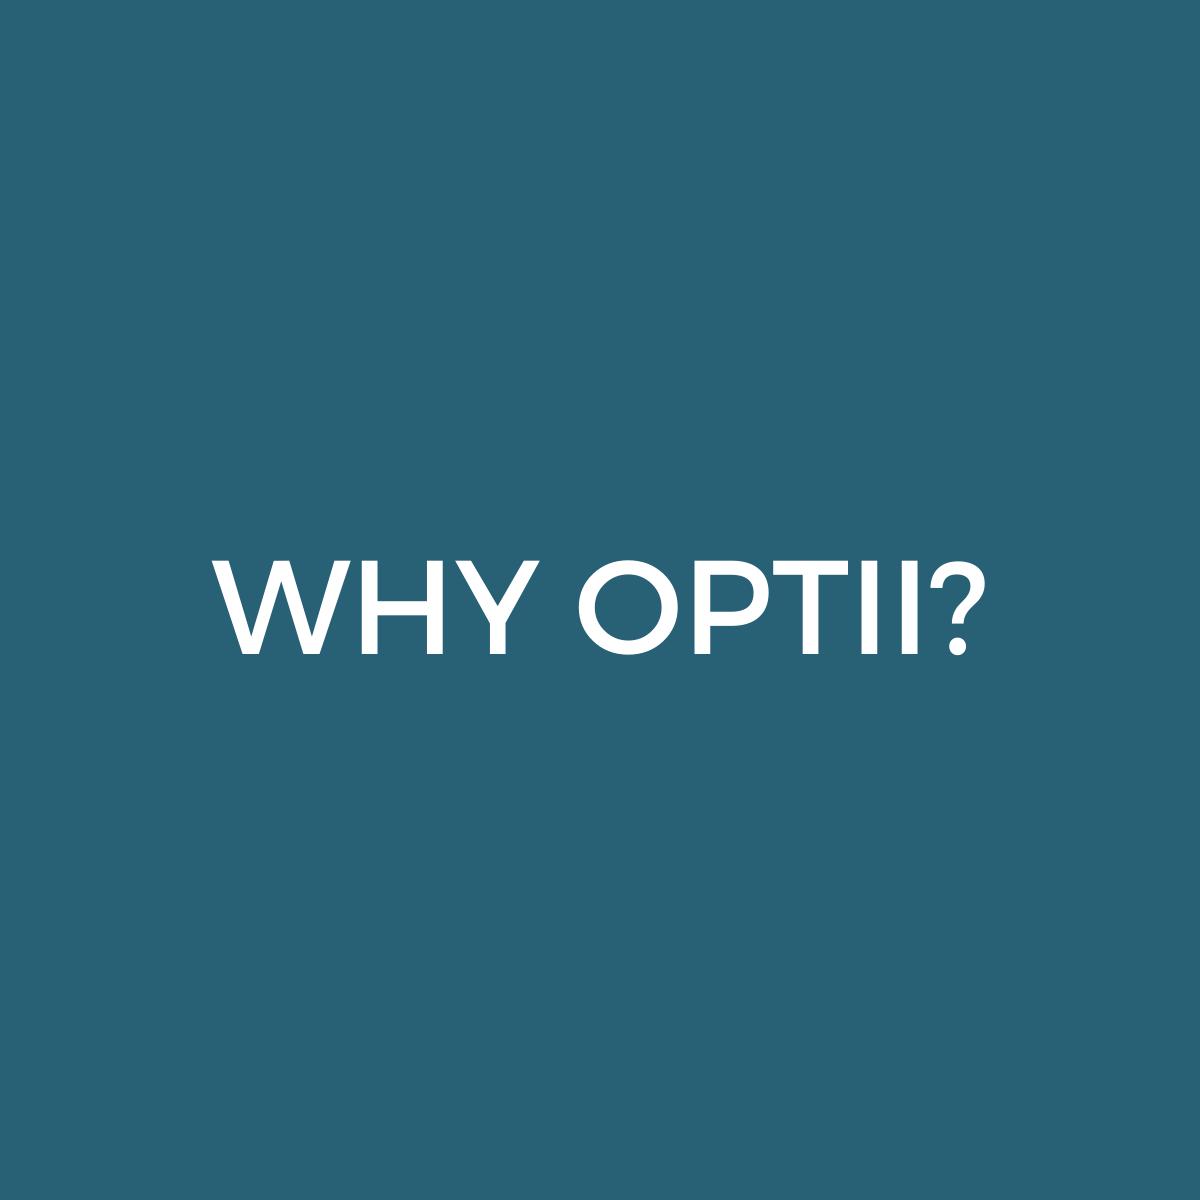 WHY OPTII (1)